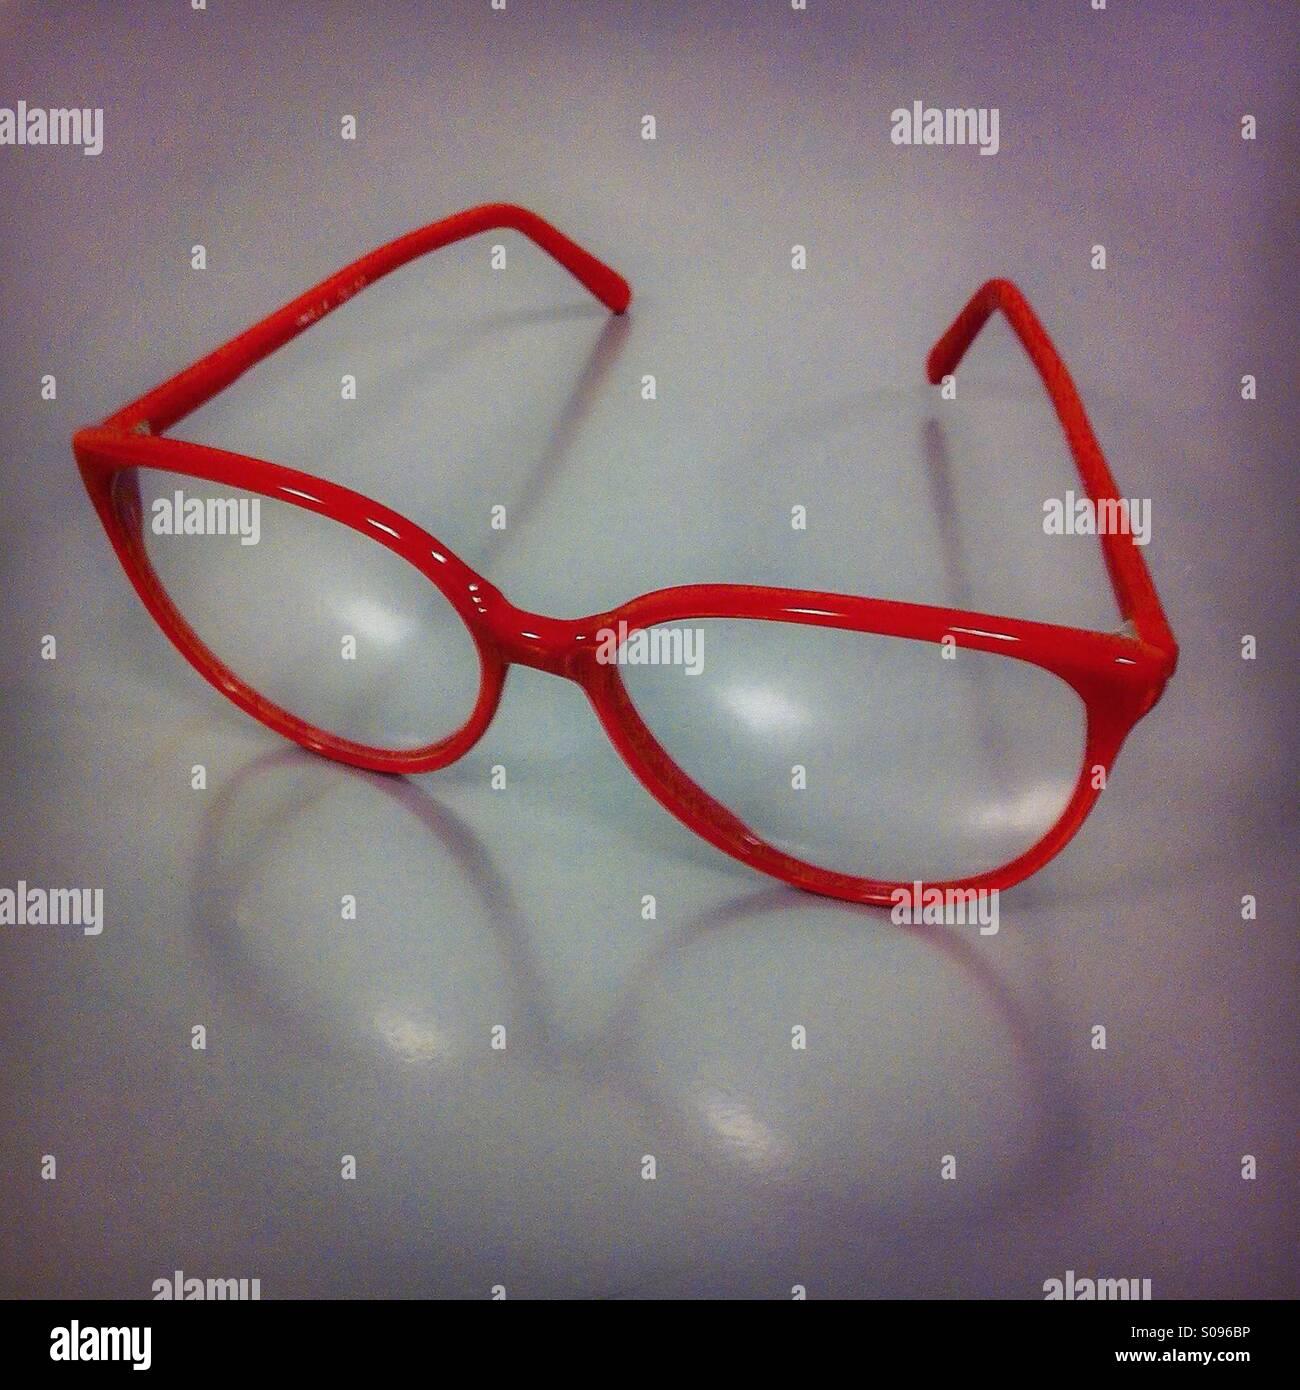 Red eyewear - Stock Image